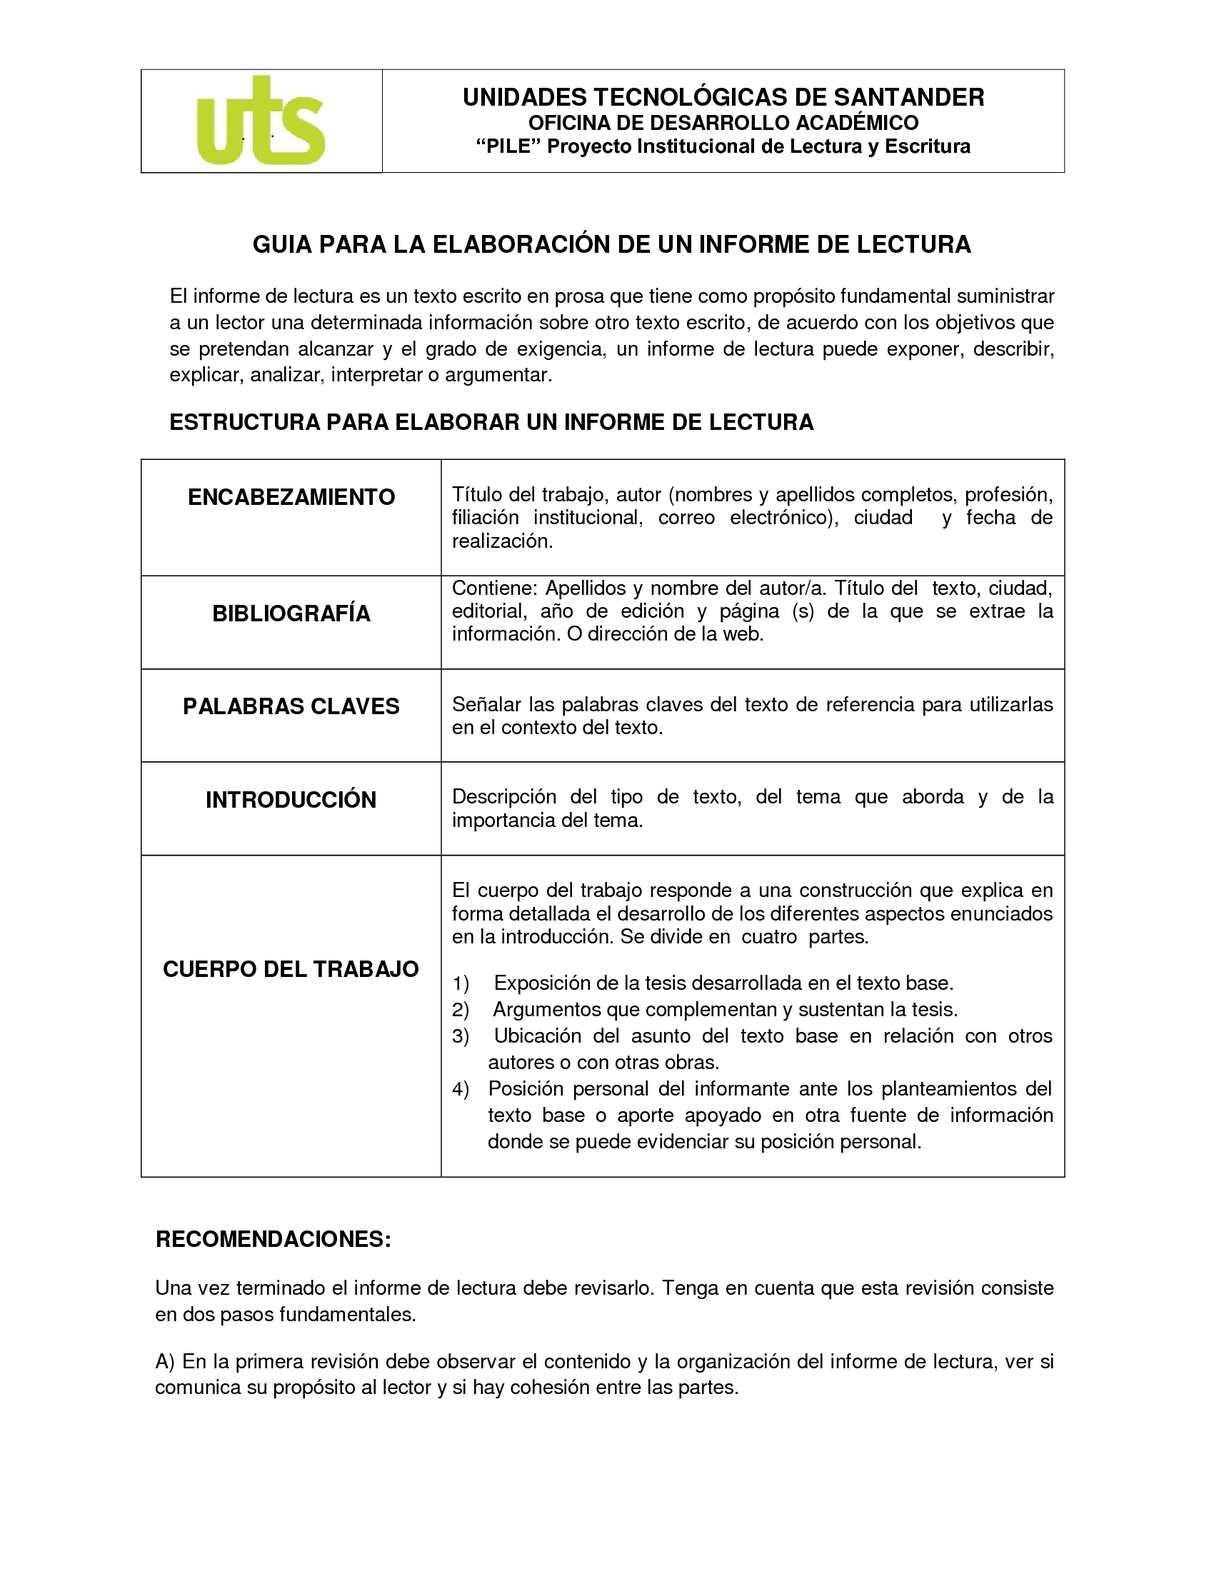 GUIA PARA LA ELABORACIÓN DE UN INFORME DE LECTURA